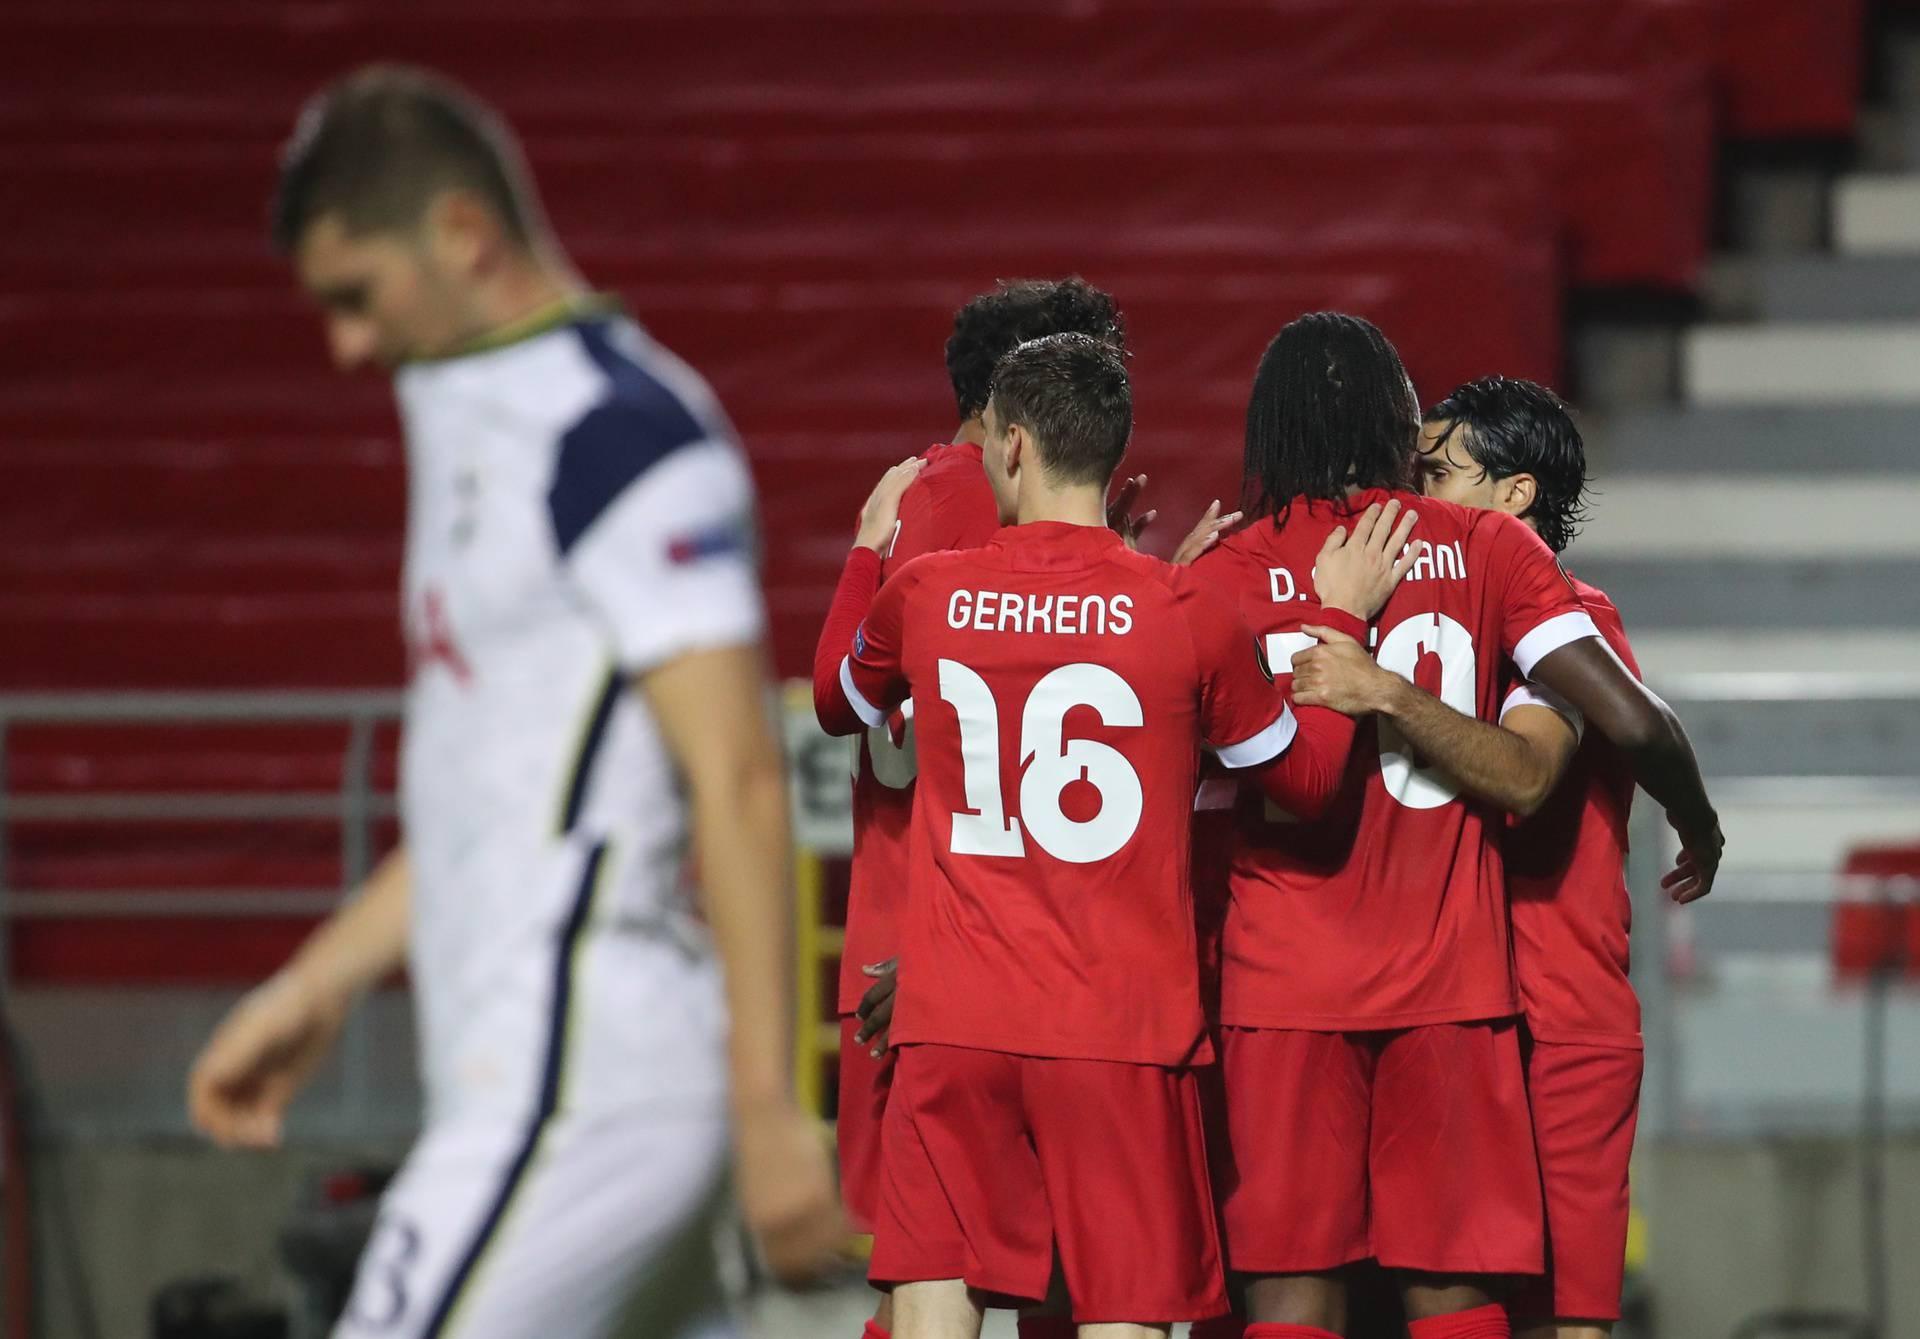 Europa League - Group J - Royal Antwerp v Tottenham Hotspur